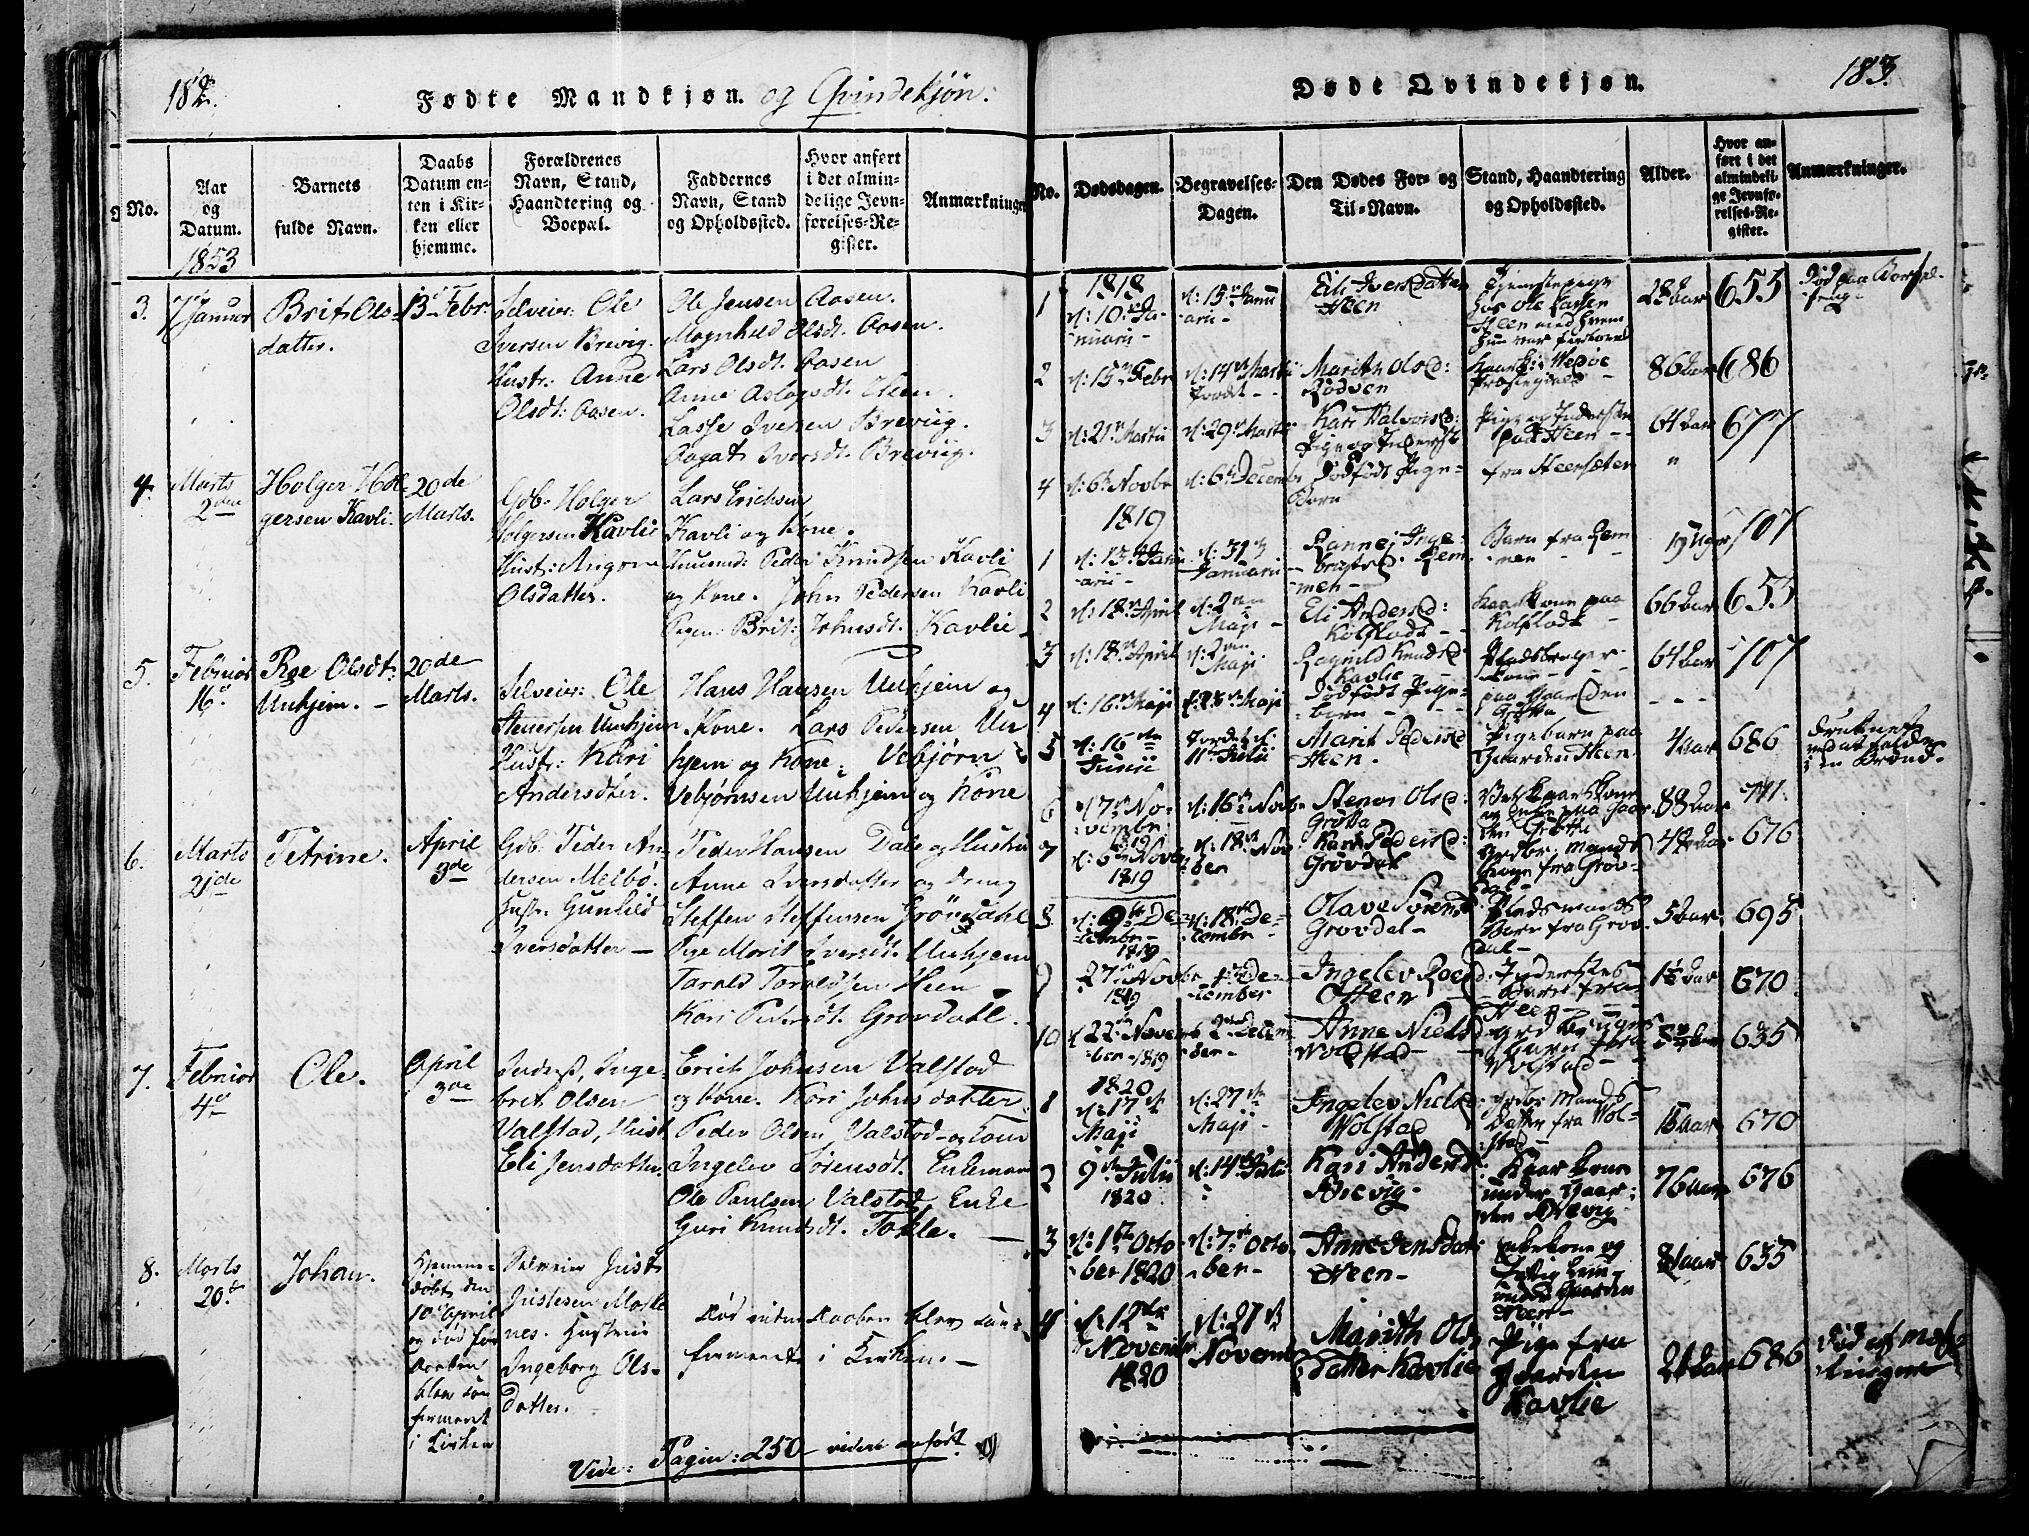 SAT, Ministerialprotokoller, klokkerbøker og fødselsregistre - Møre og Romsdal, 545/L0585: Parish register (official) no. 545A01, 1818-1853, p. 182-183